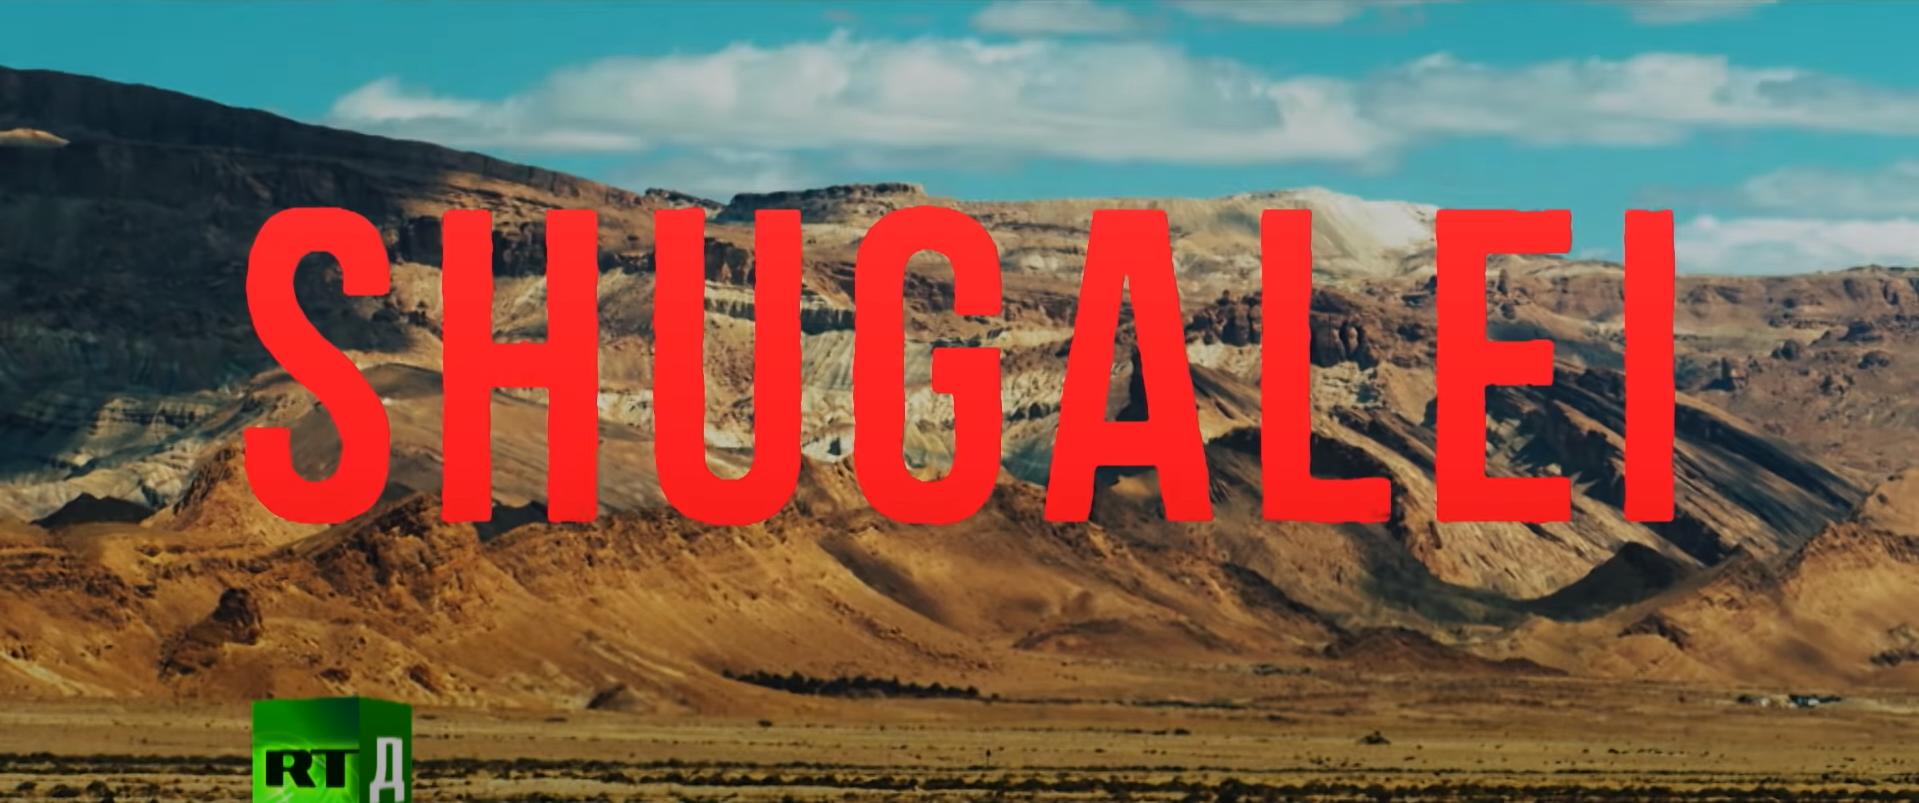 Shugalei, il film che racconta la Libia post-Gheddafi [film con sottotitoli in inglese]